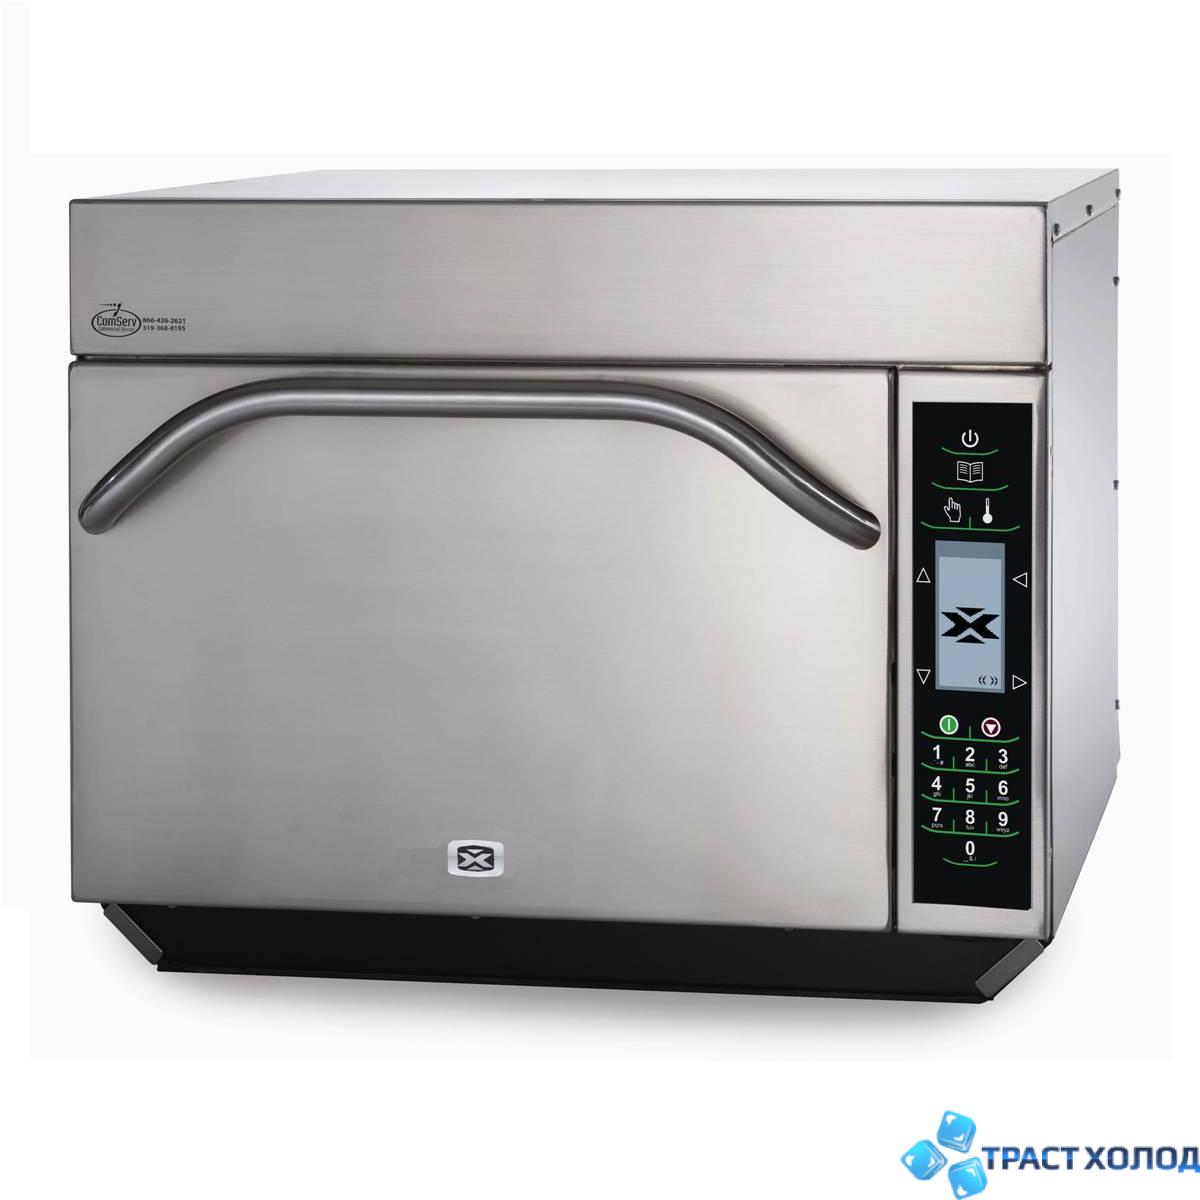 купить микроволновую печь menumaster MXP5221 в Траст Холод